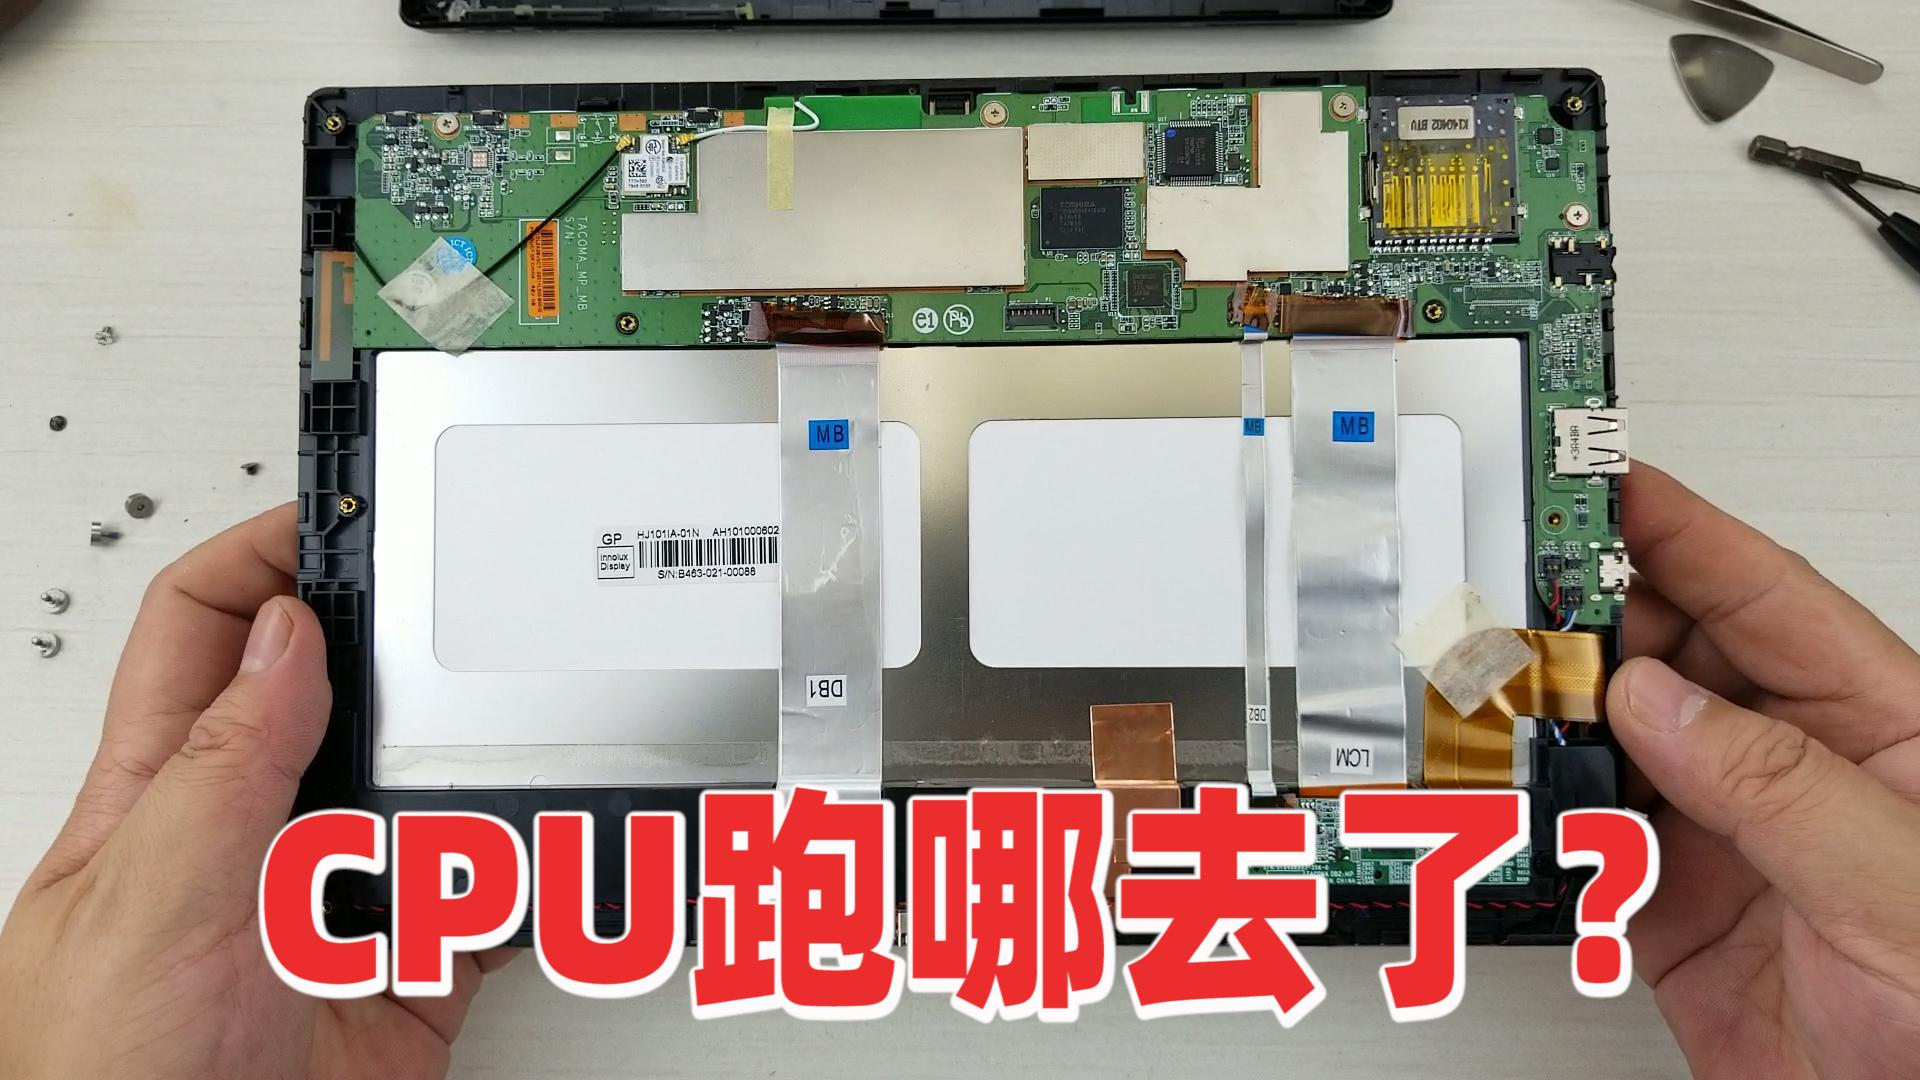 拆解Windows系统的平板电脑,没想到CPU竟然还会玩捉迷藏